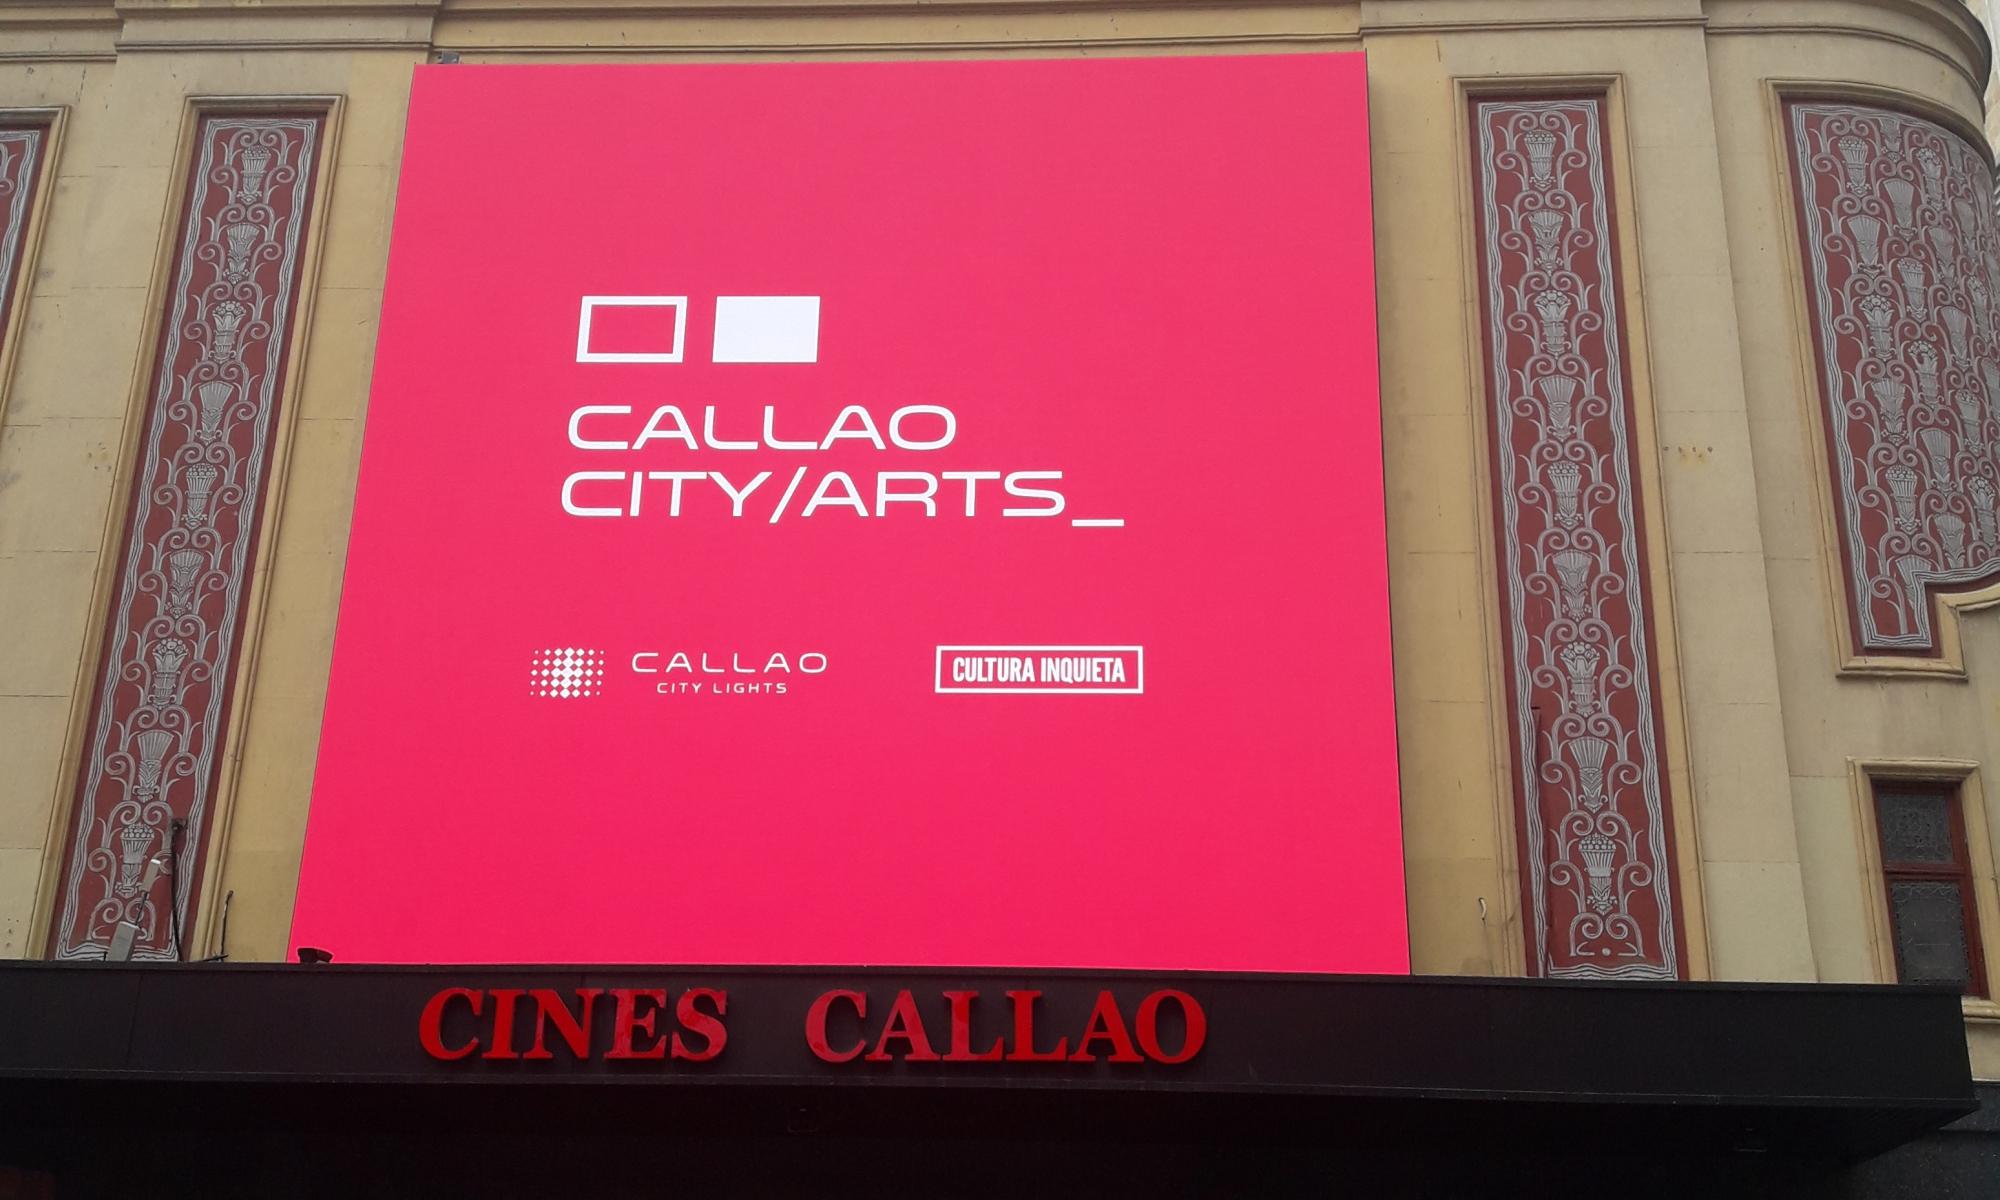 Callao City